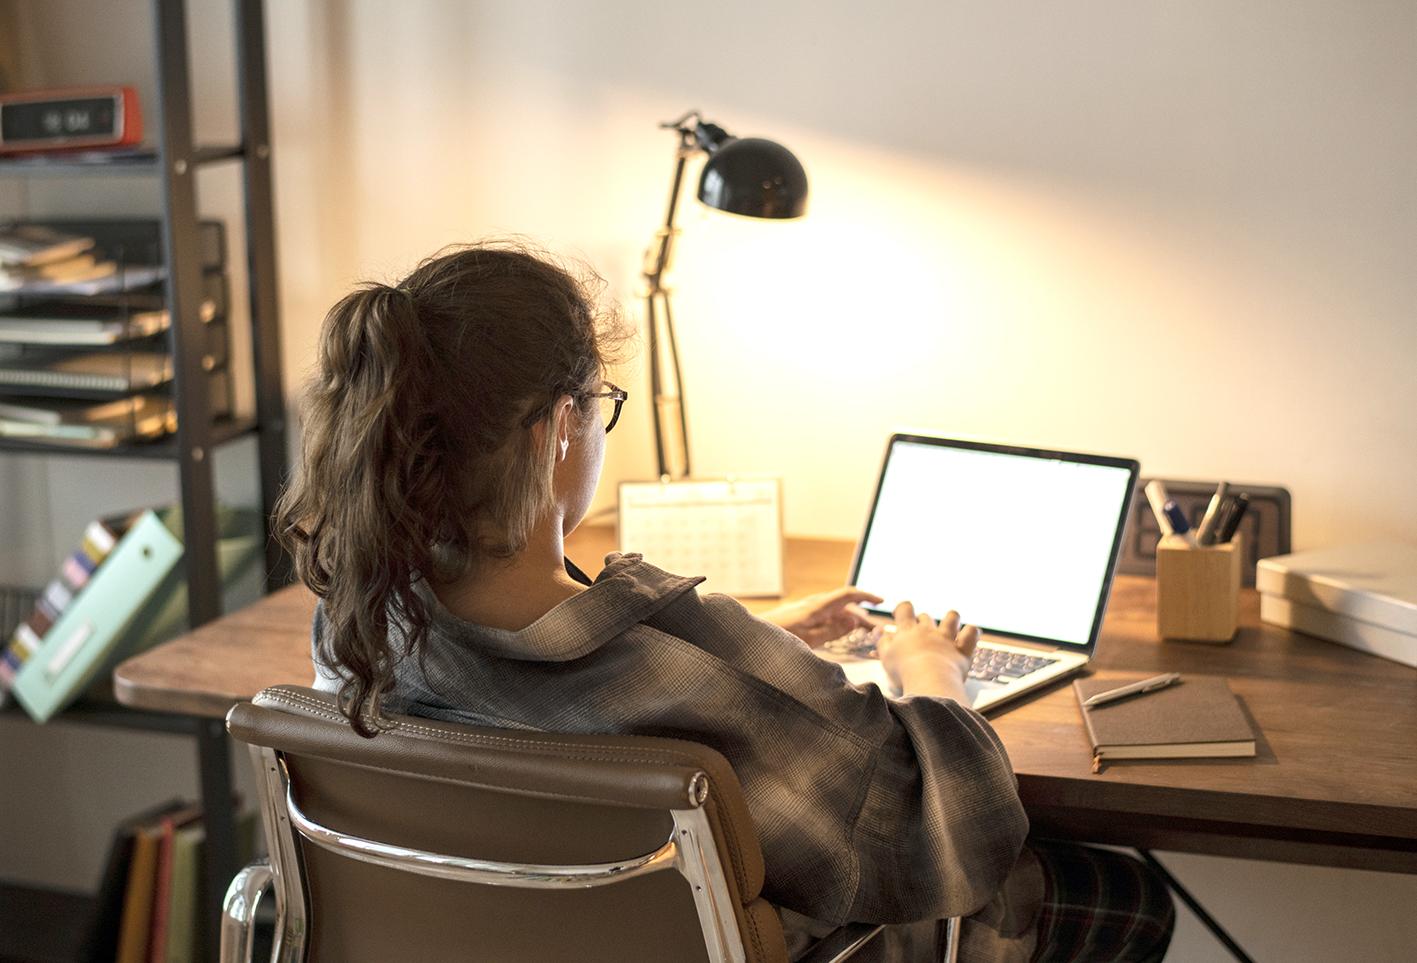 Home office exige disciplina e organização para dar certo